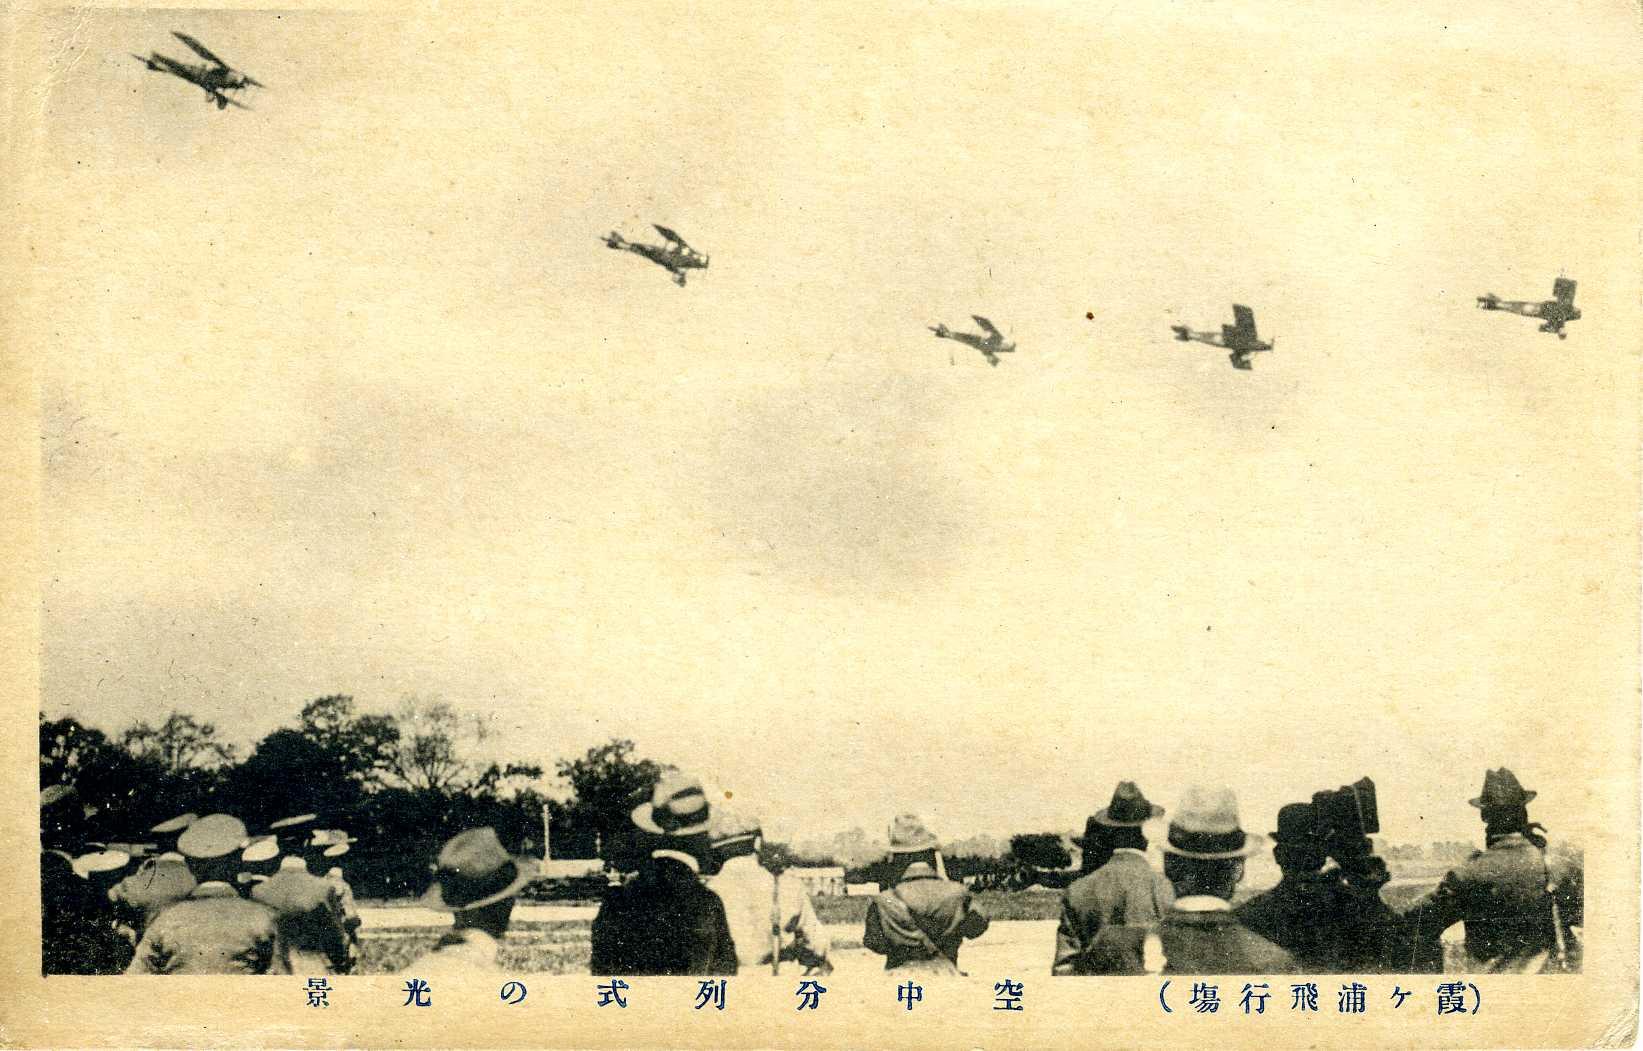 『絵葉書 霞ヶ浦飛行場 空中分列隊の光景(当館所蔵)』の画像